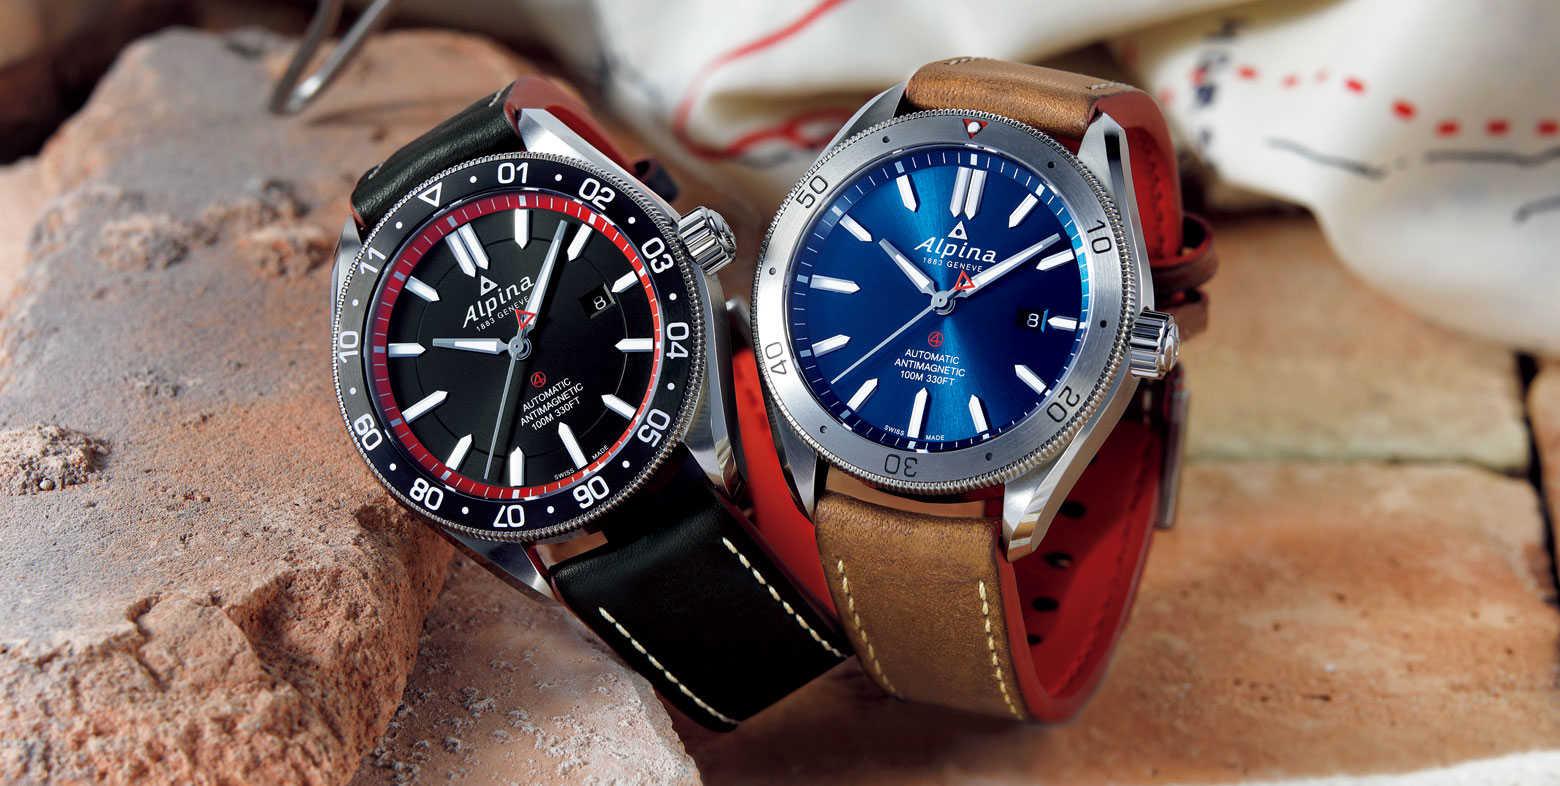 e50b6b6448 海仕様のスペックや海を思わせる世界観を備えた腕時計は意外と選択肢が豊富だが、それがアウトドア仕様となると理想的な1本に巡り合えない。